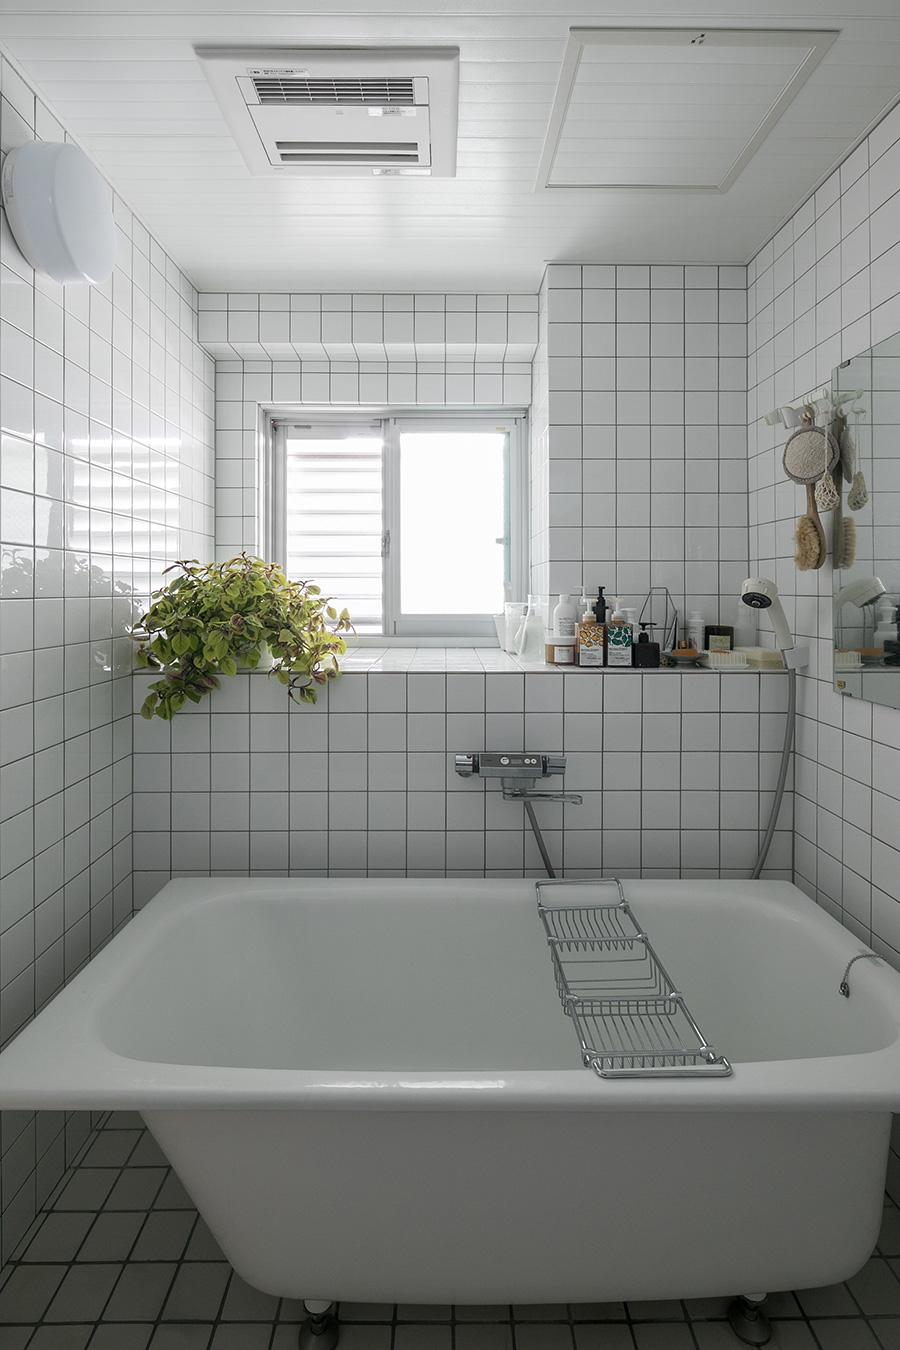 「前に住んでいたオーストラリア人の方が浴室をリノベしていました。タイルと浴槽は替えましたが、形は変えずに使っています」